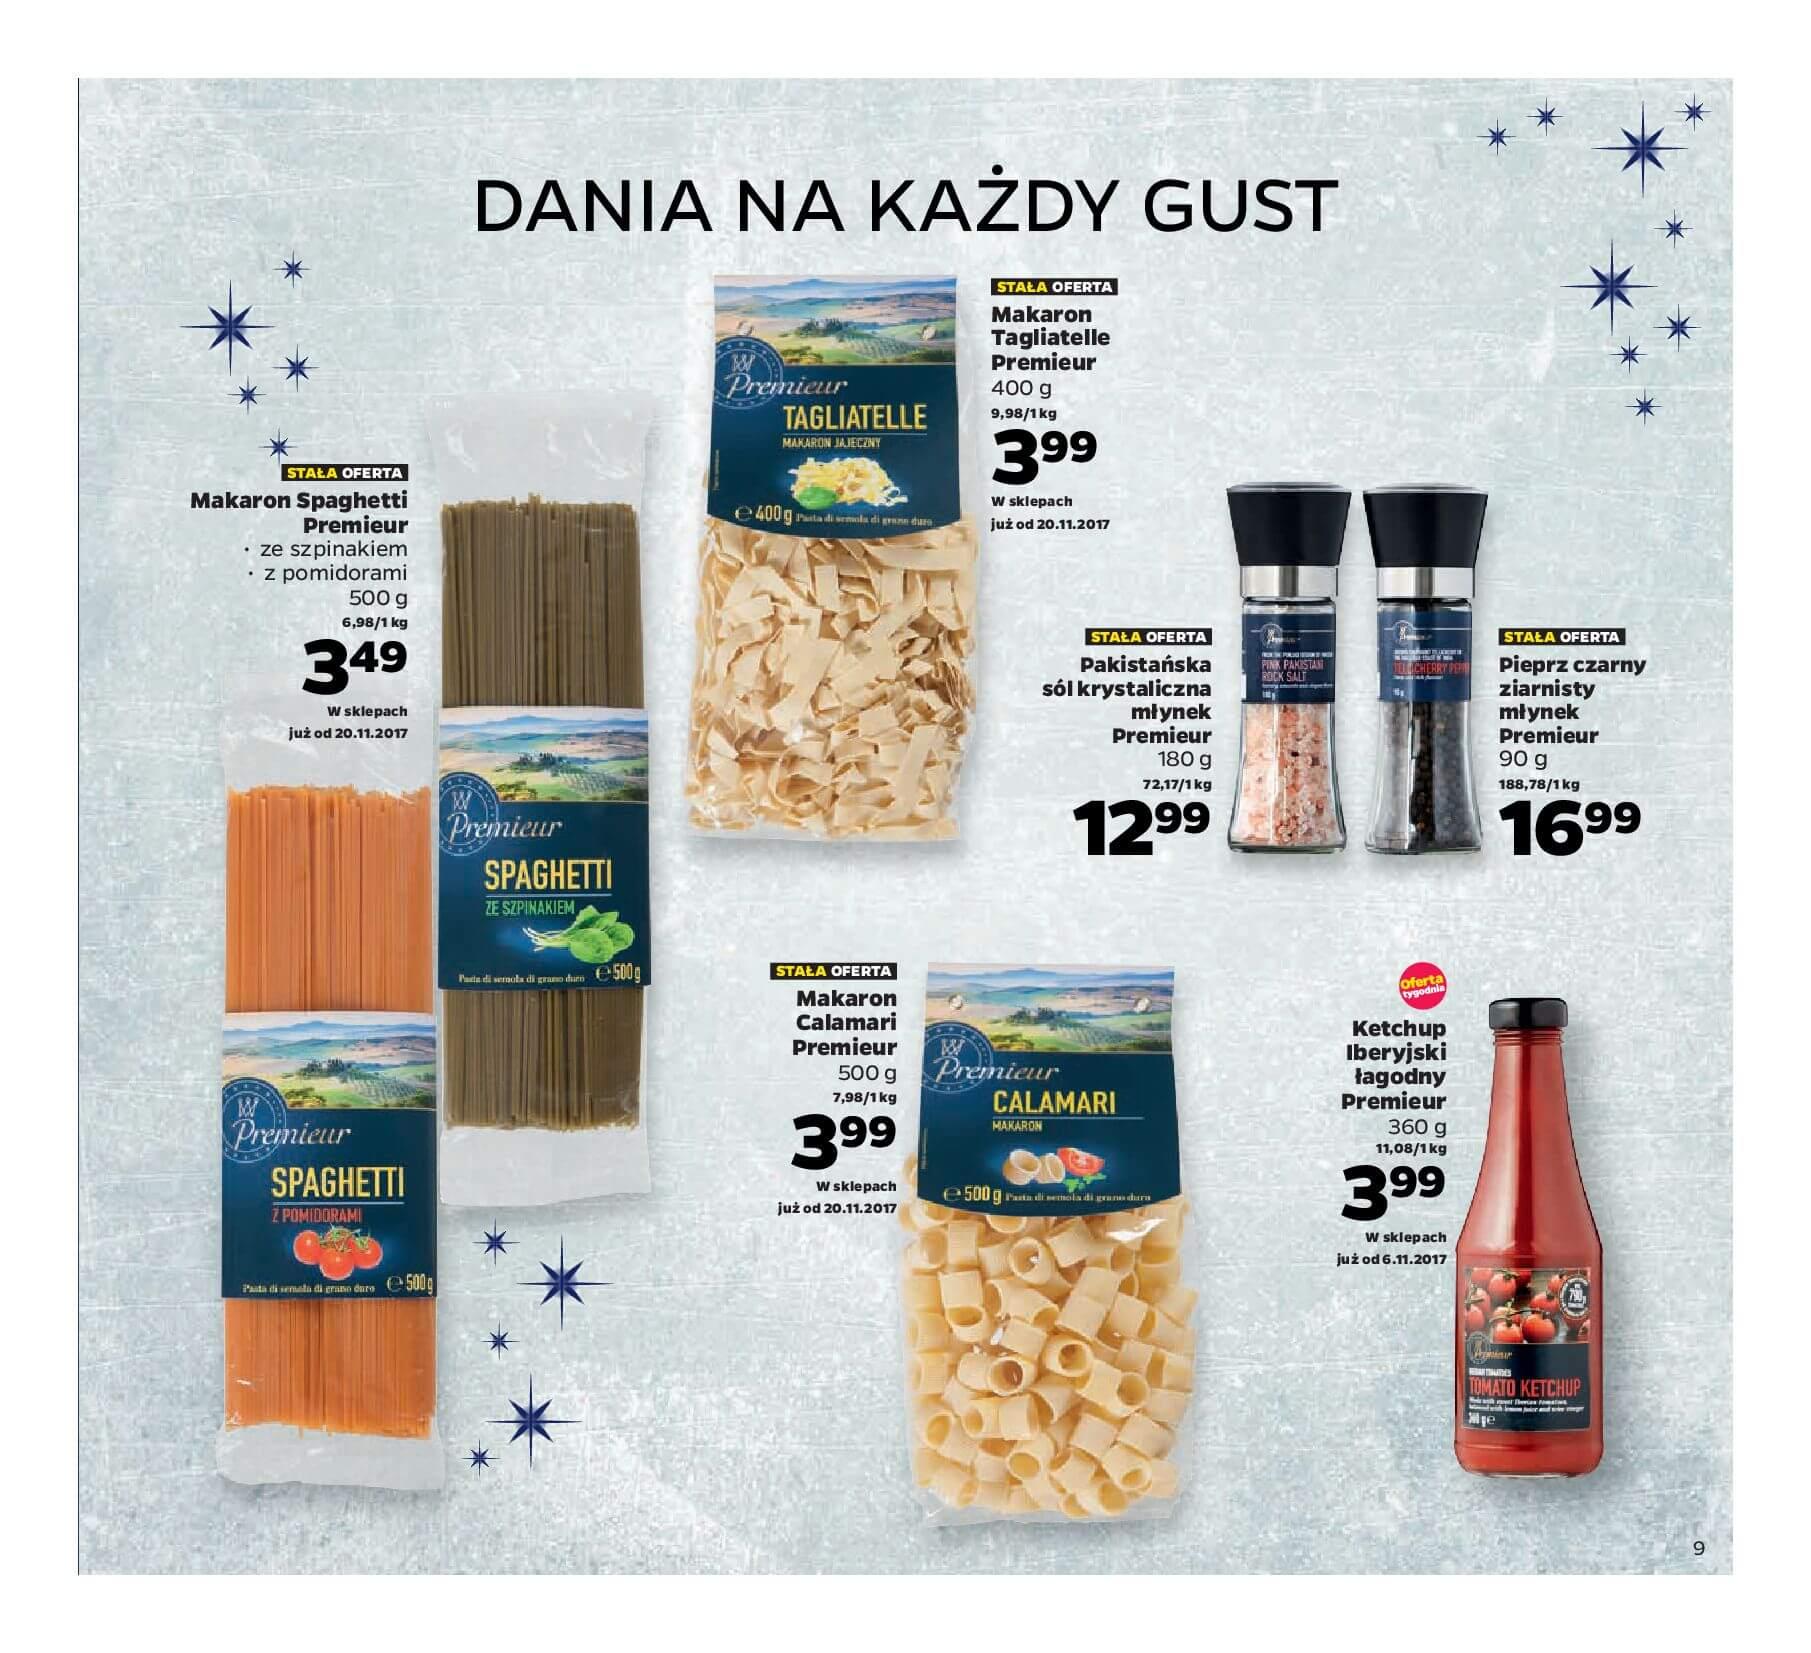 Gazetka Netto - Katalog-2017-11-19-2017-12-31-page-9